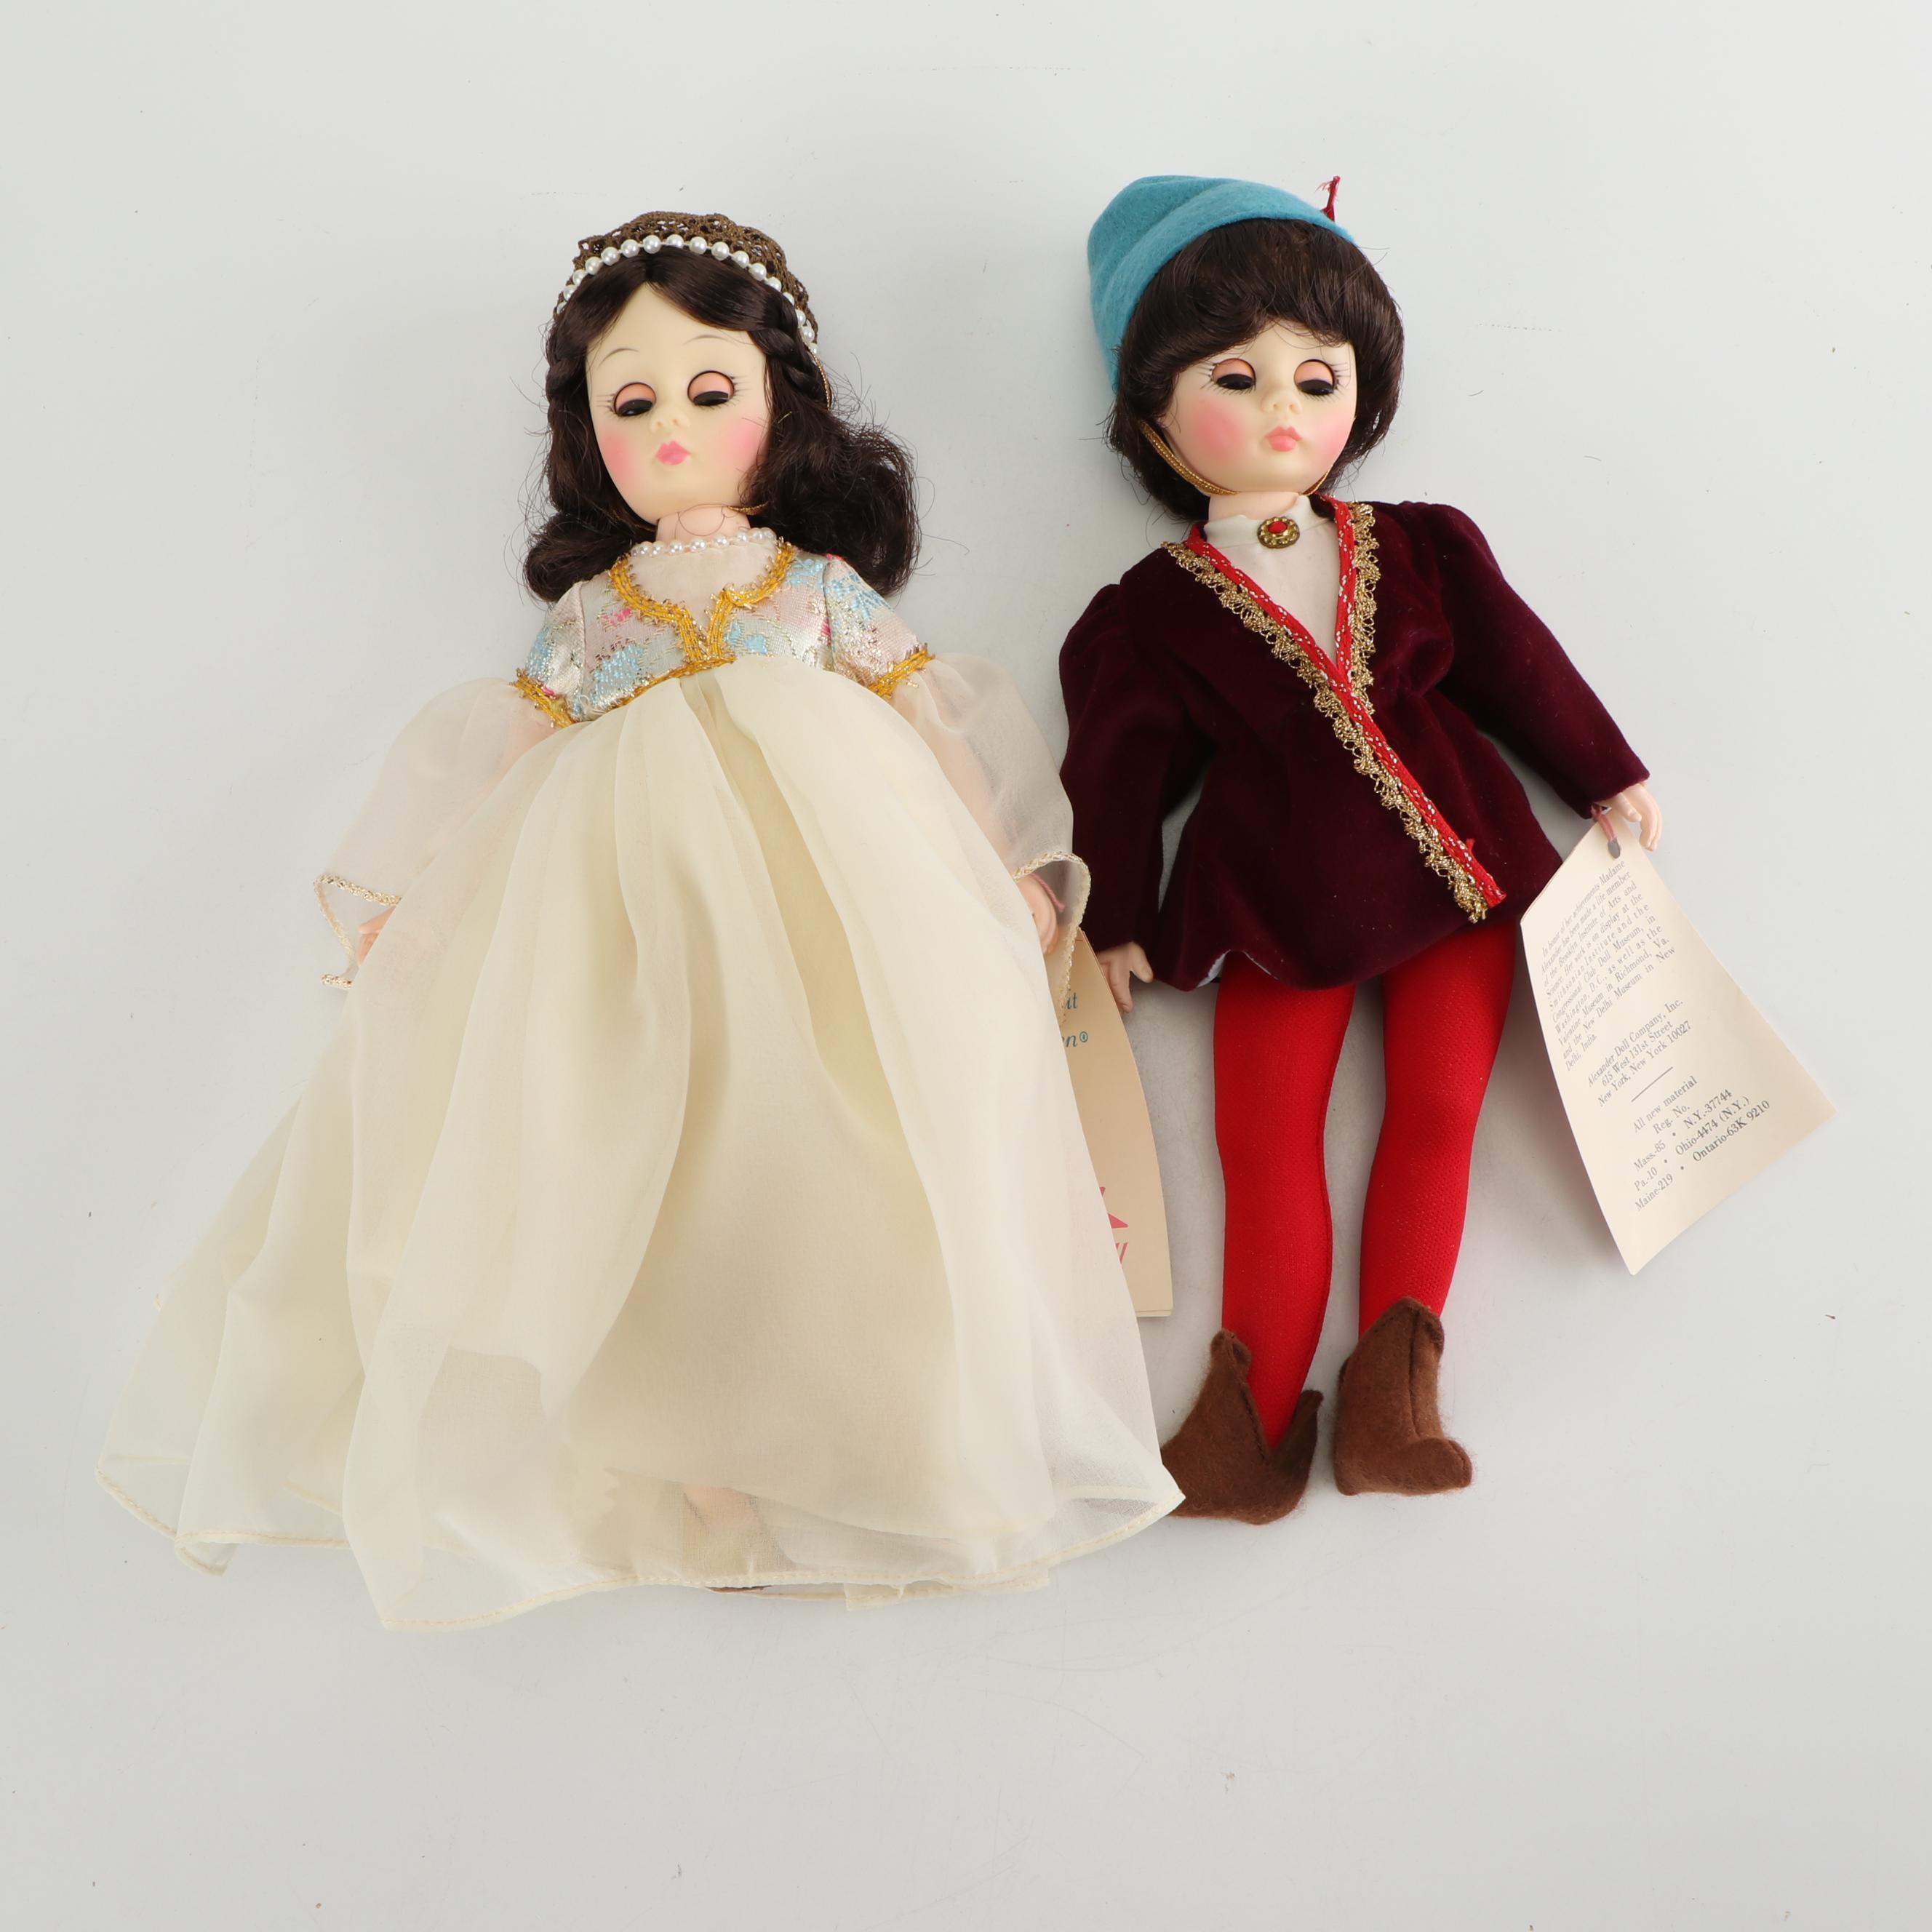 Madame Alexander Romeo & Juliet Dolls